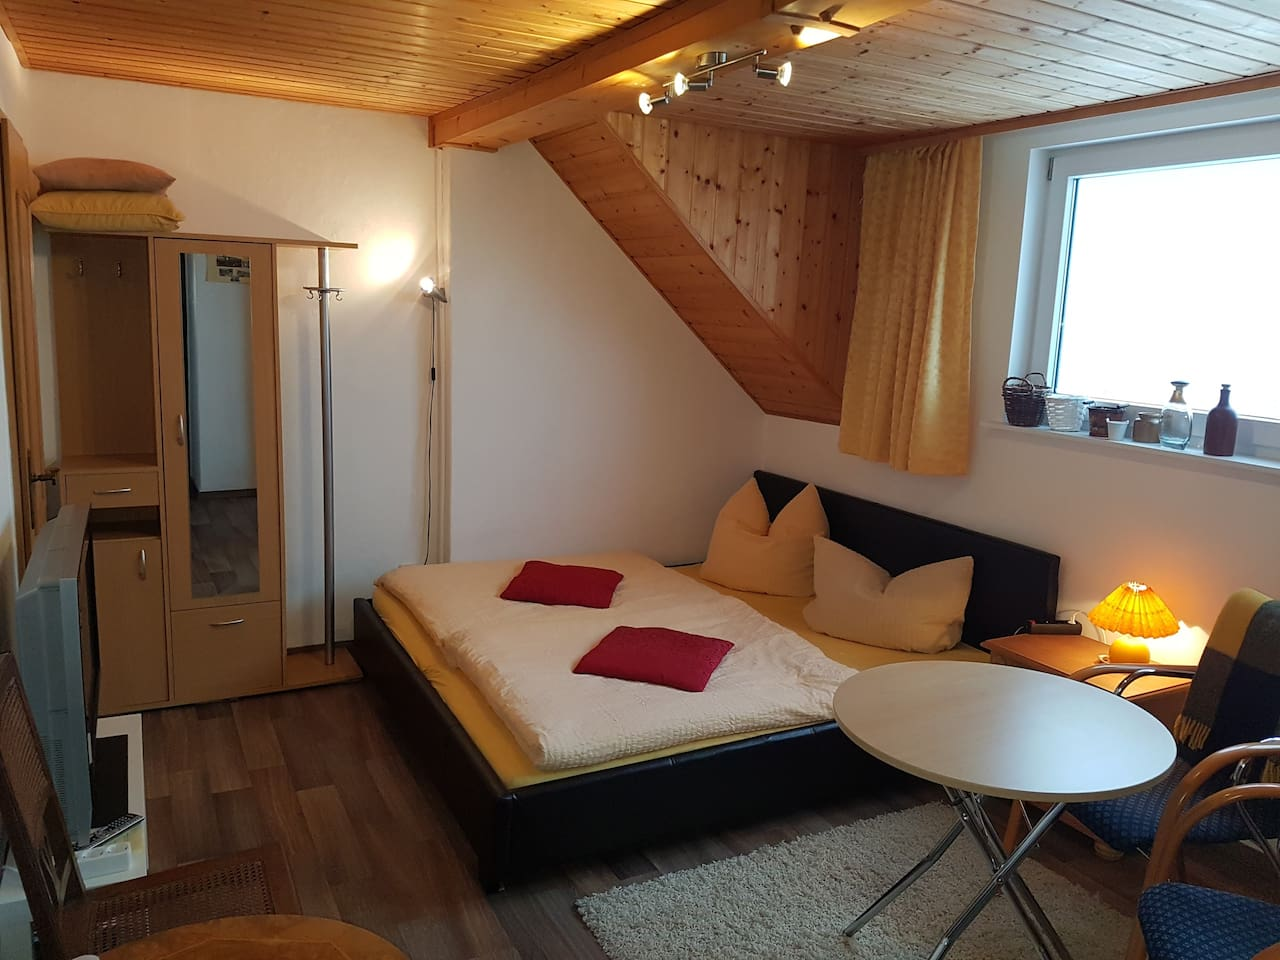 Gästezimmer mit Doppelbett (180 x 200),  Sitzgelegenheit und TV, WLAN/WIFI